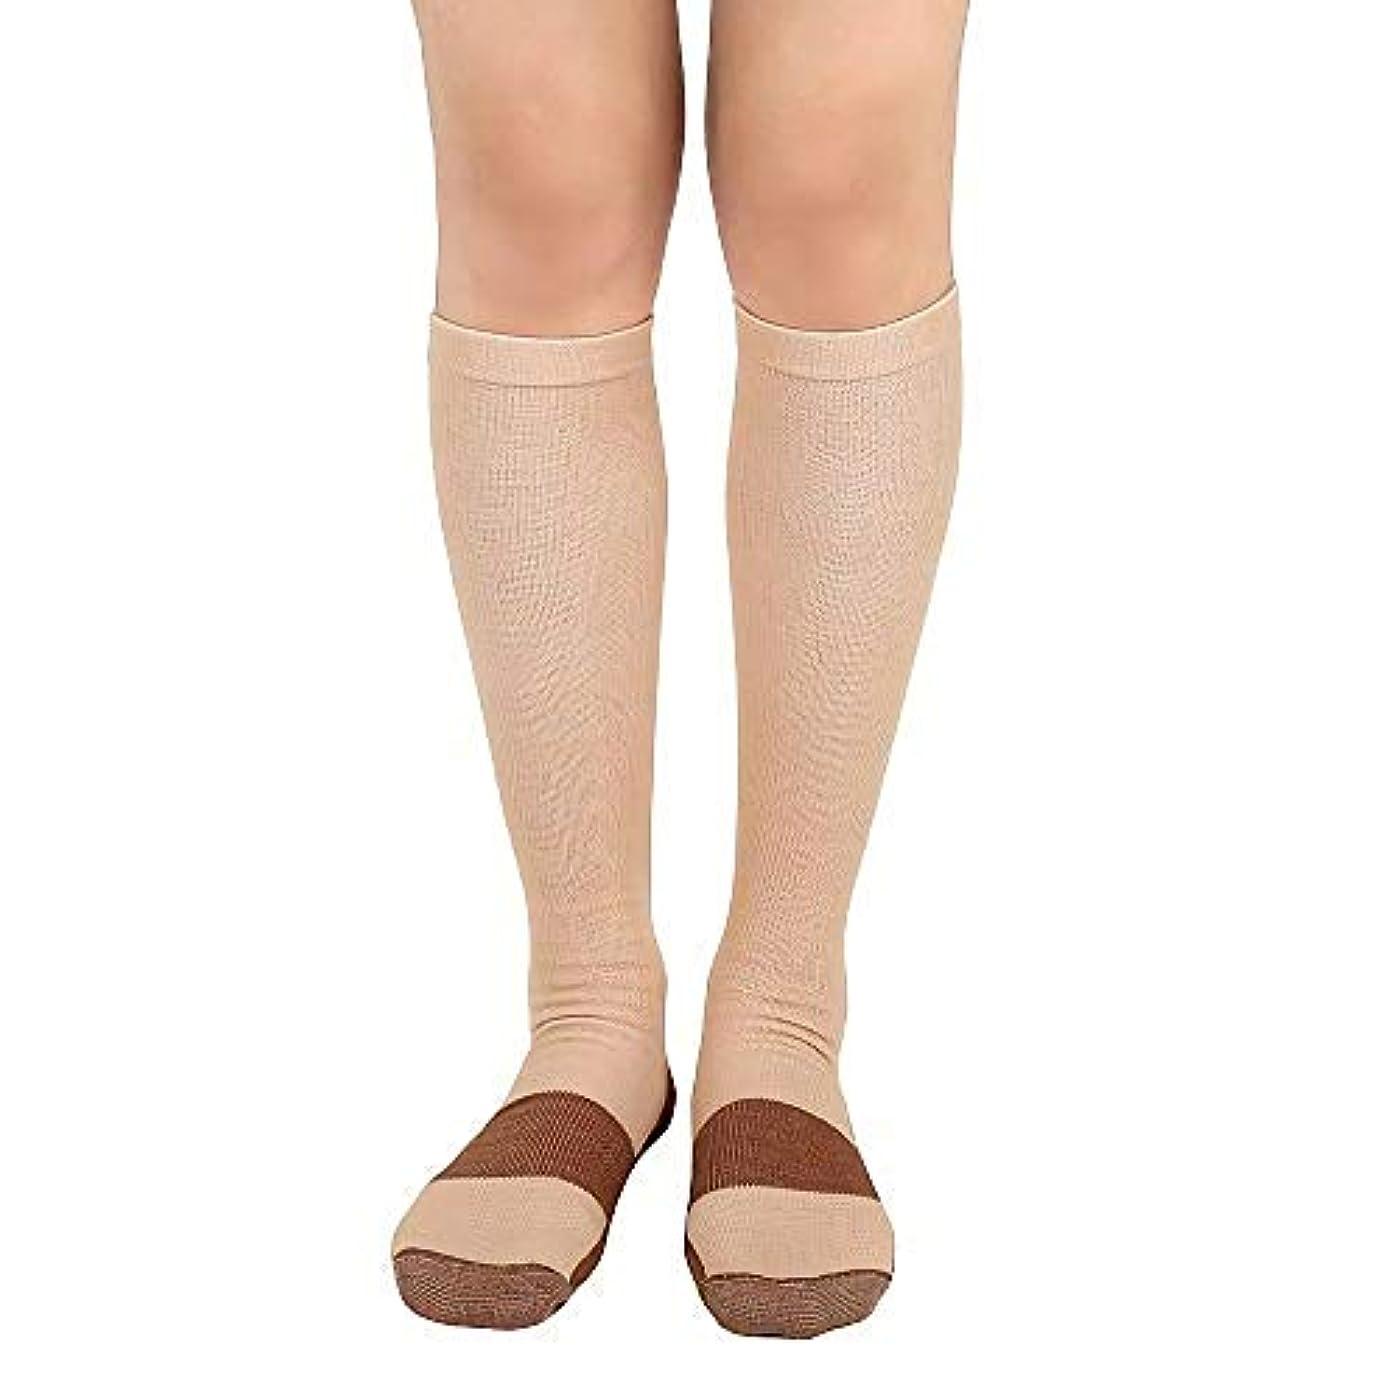 親指プレゼンター先行する着圧ソックス 銅圧縮 コンプレッションソックス 膝下 抗疲労 男女兼用ユニセックス (XXL, 肌色)